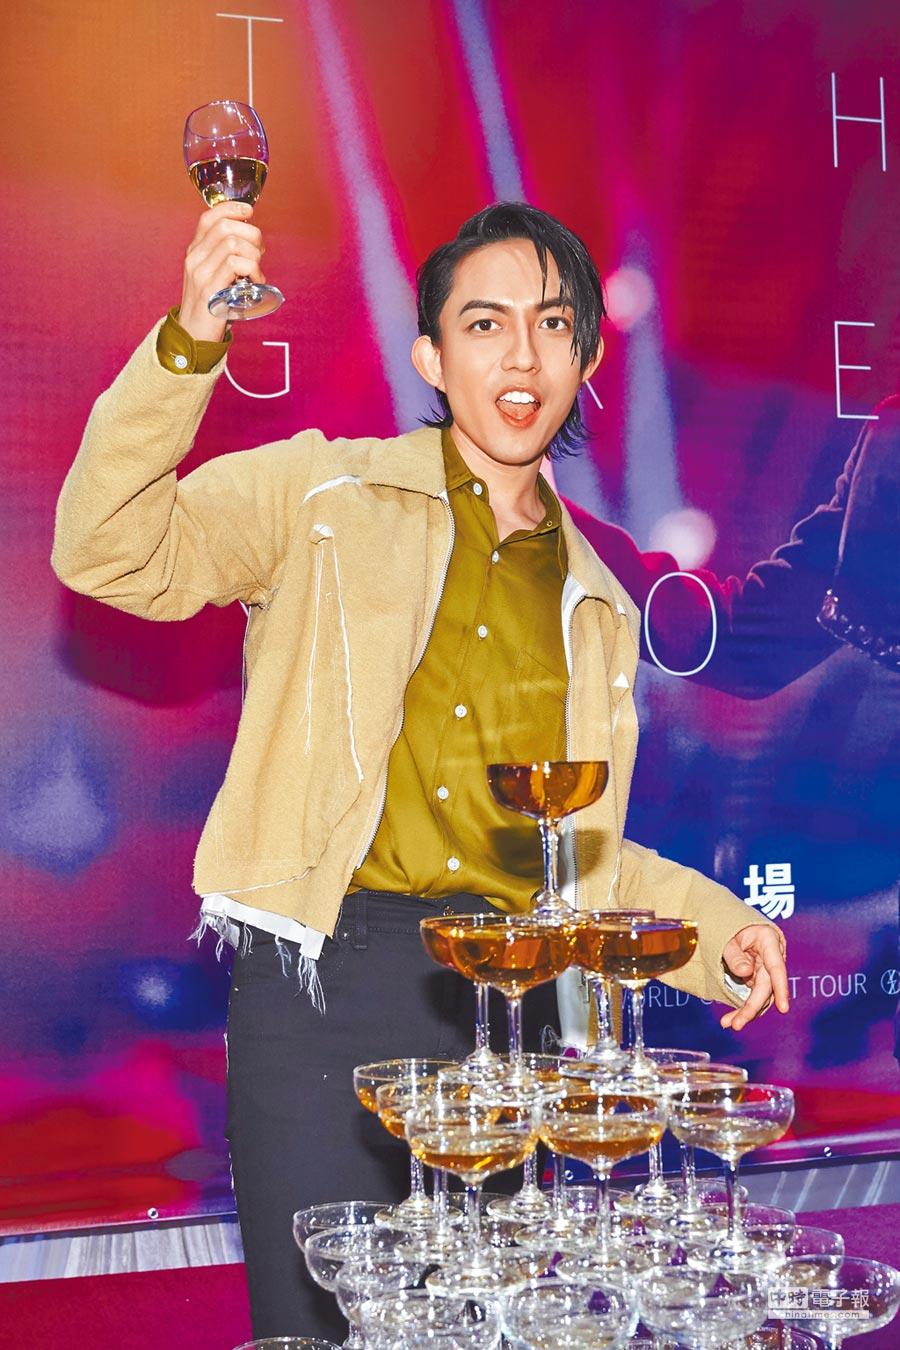 林宥嘉前晚舉行慶功宴,慶祝高雄巨蛋演唱會圓滿落幕。